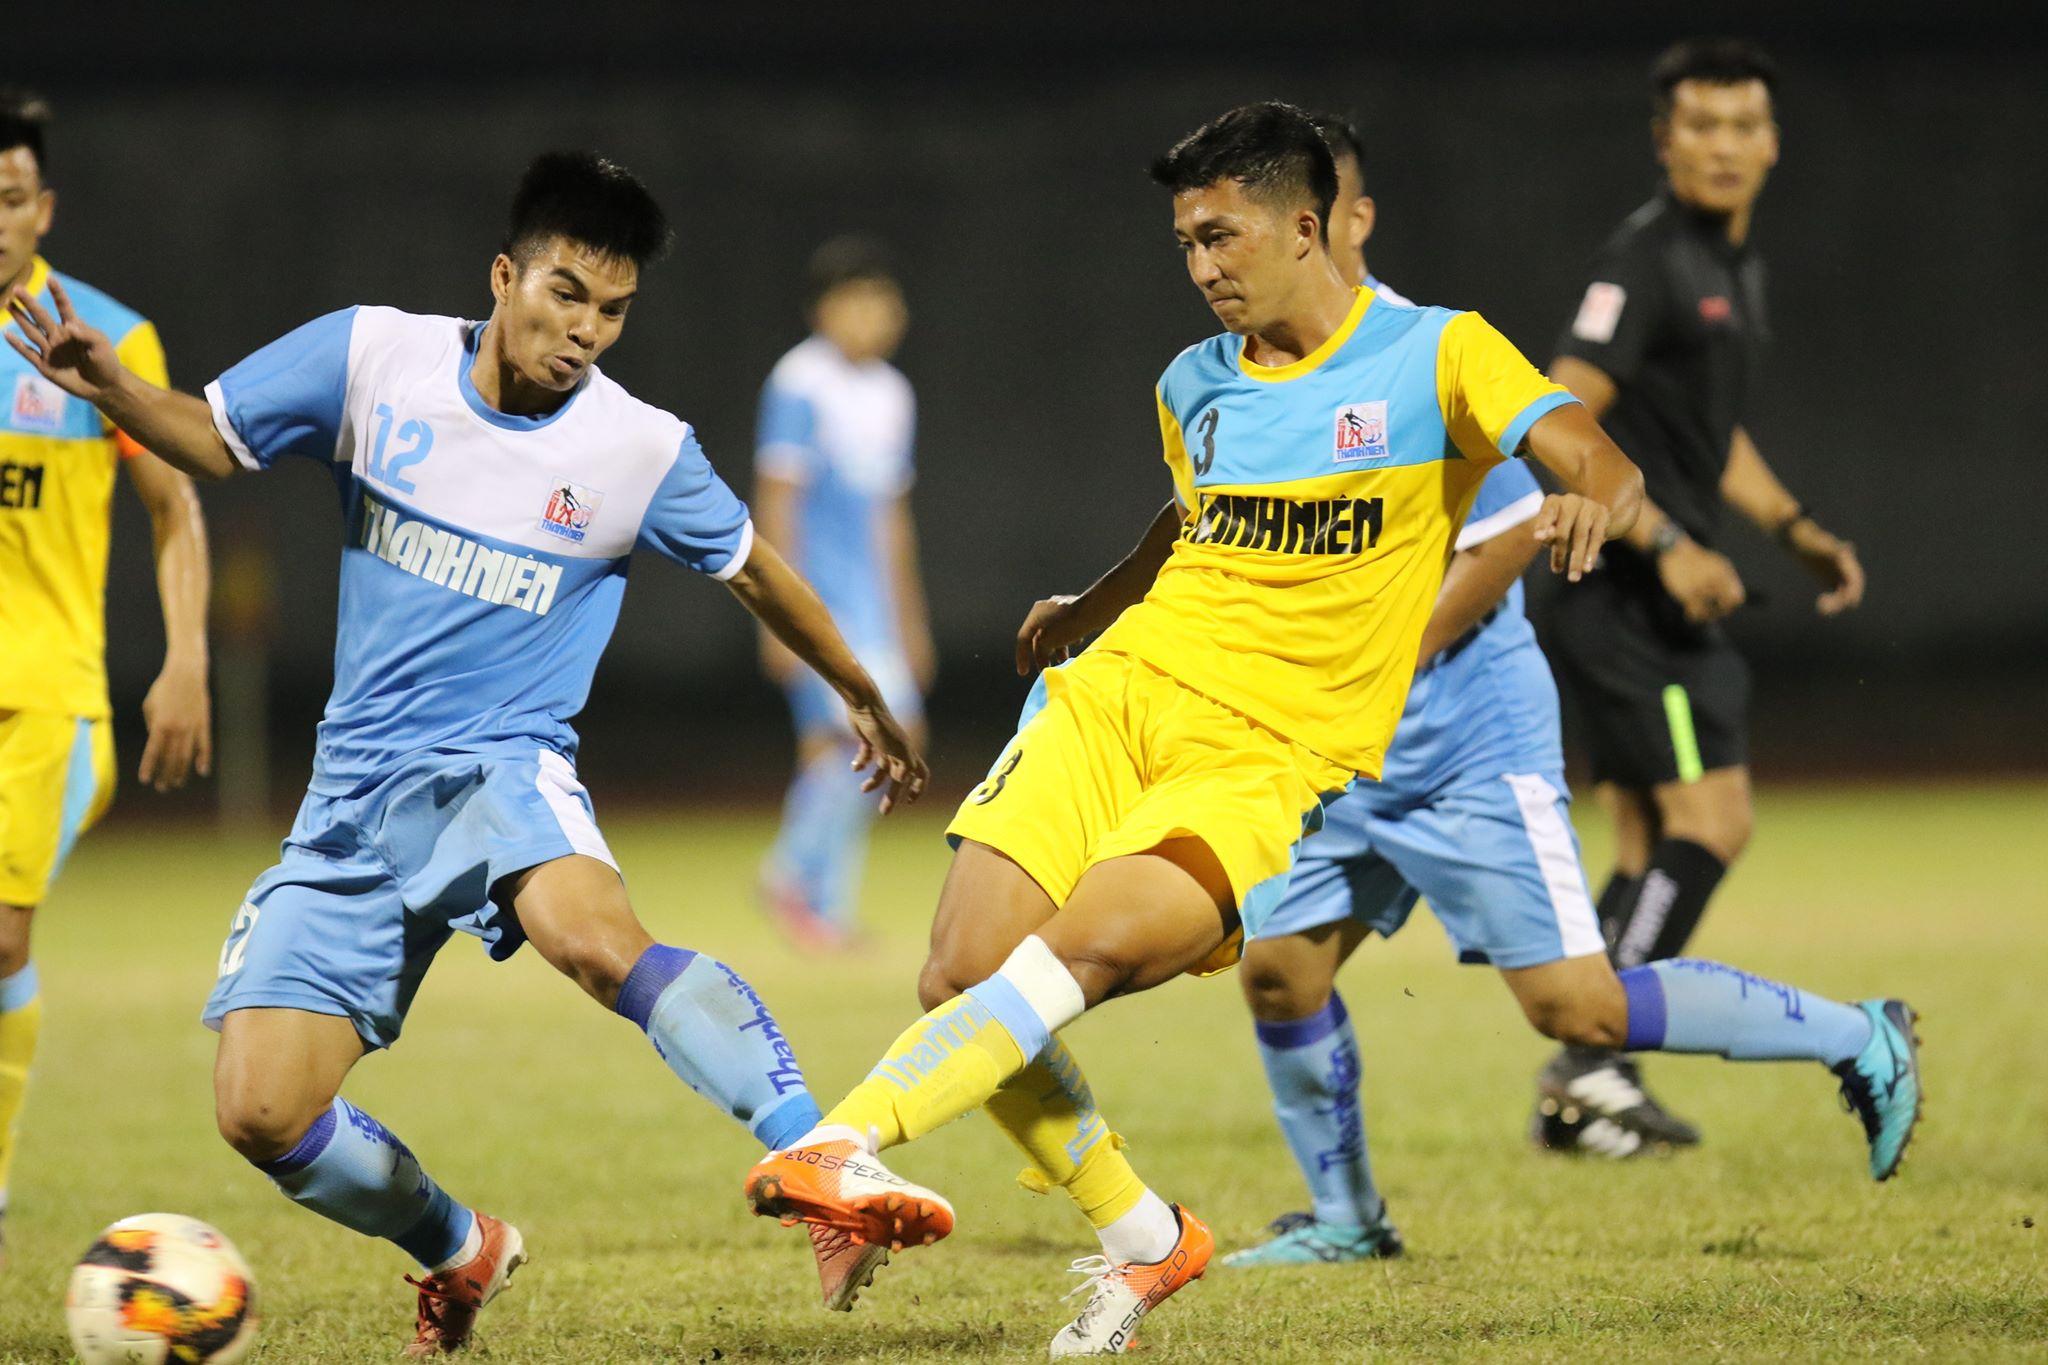 Cựu sao U20 Việt Nam tỏa sáng, U21 Hà Nội nhọc nhằn đánh bại U21 TP.HCM - Bóng Đá